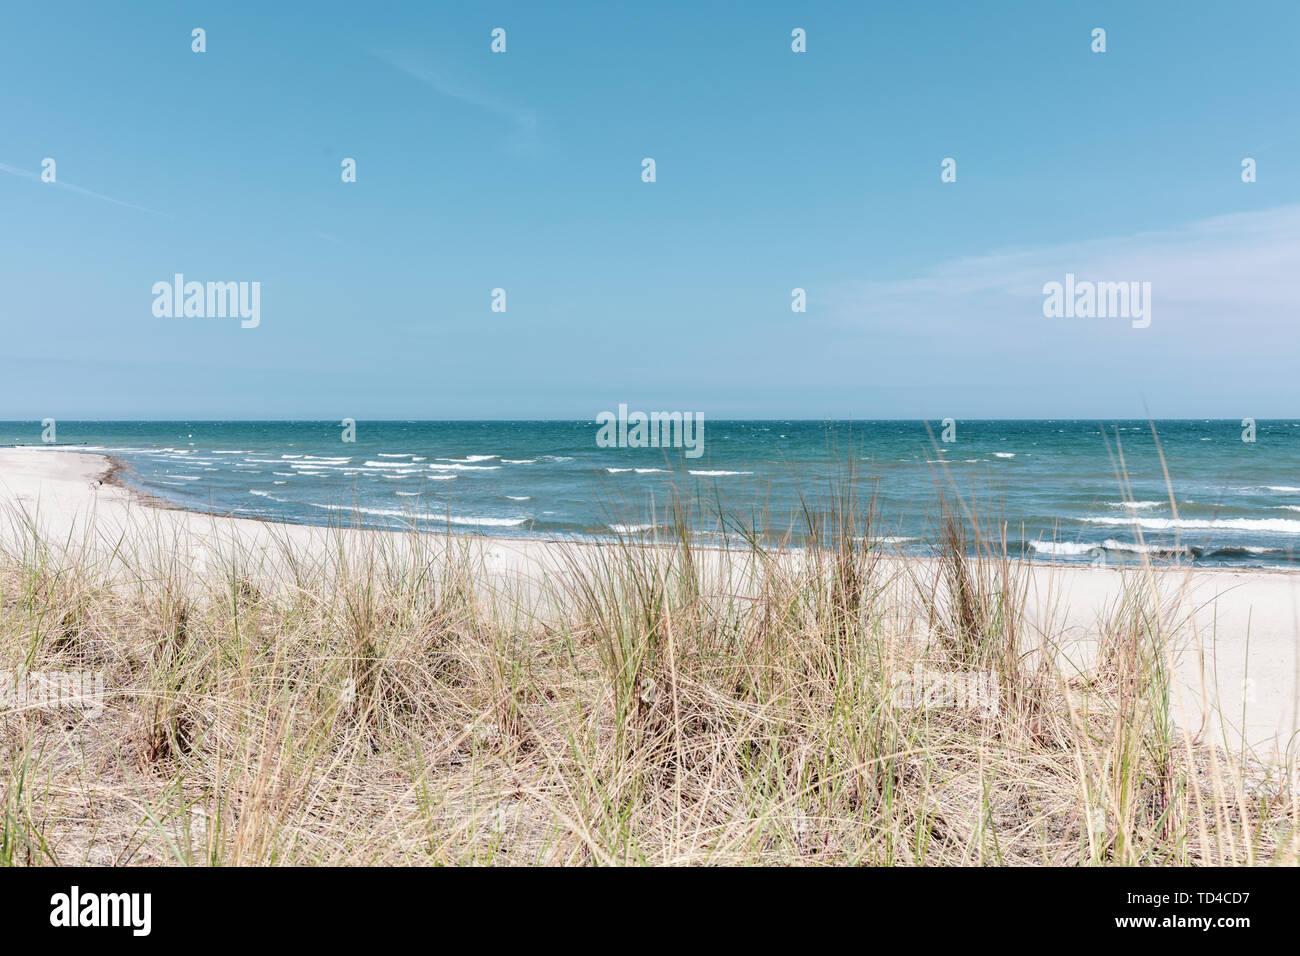 Der Blick über die Dünenlandschaft der Ostsee bei schönem Wetter Stockfoto